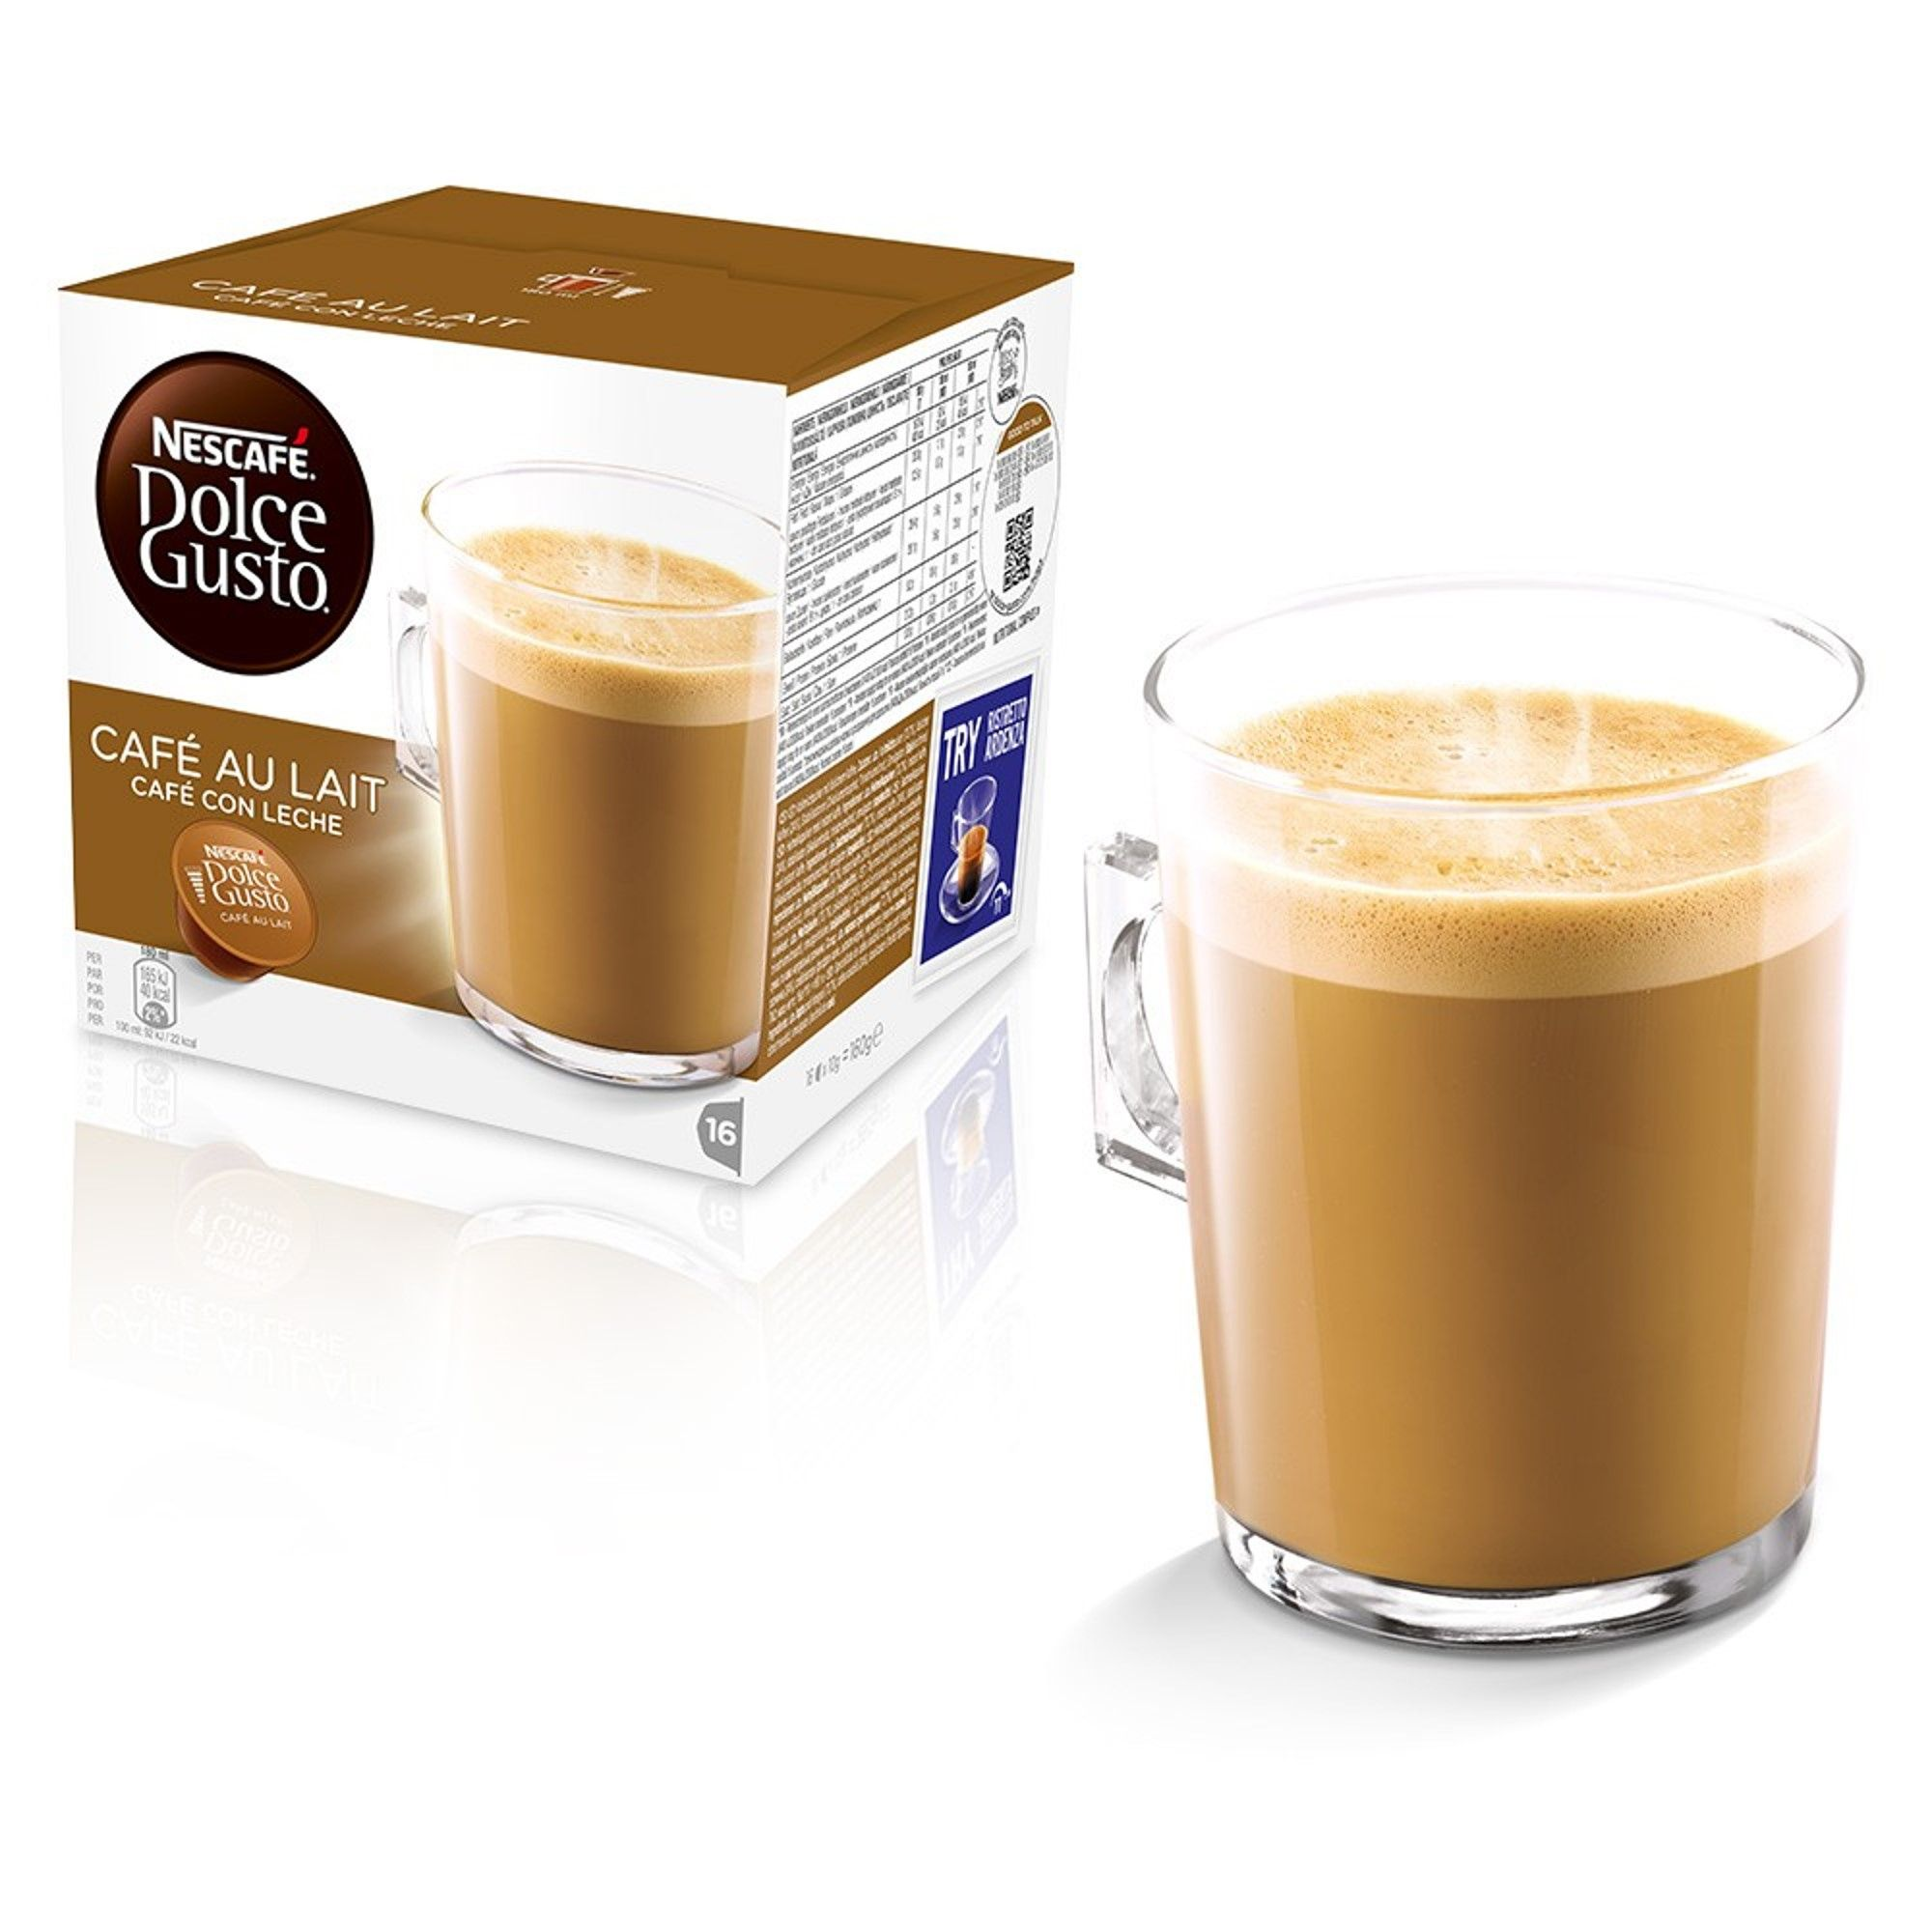 Cafe au lait kitchen decor - Nescafe Dolce Gusto Cafe Au Lait Coffee Pods